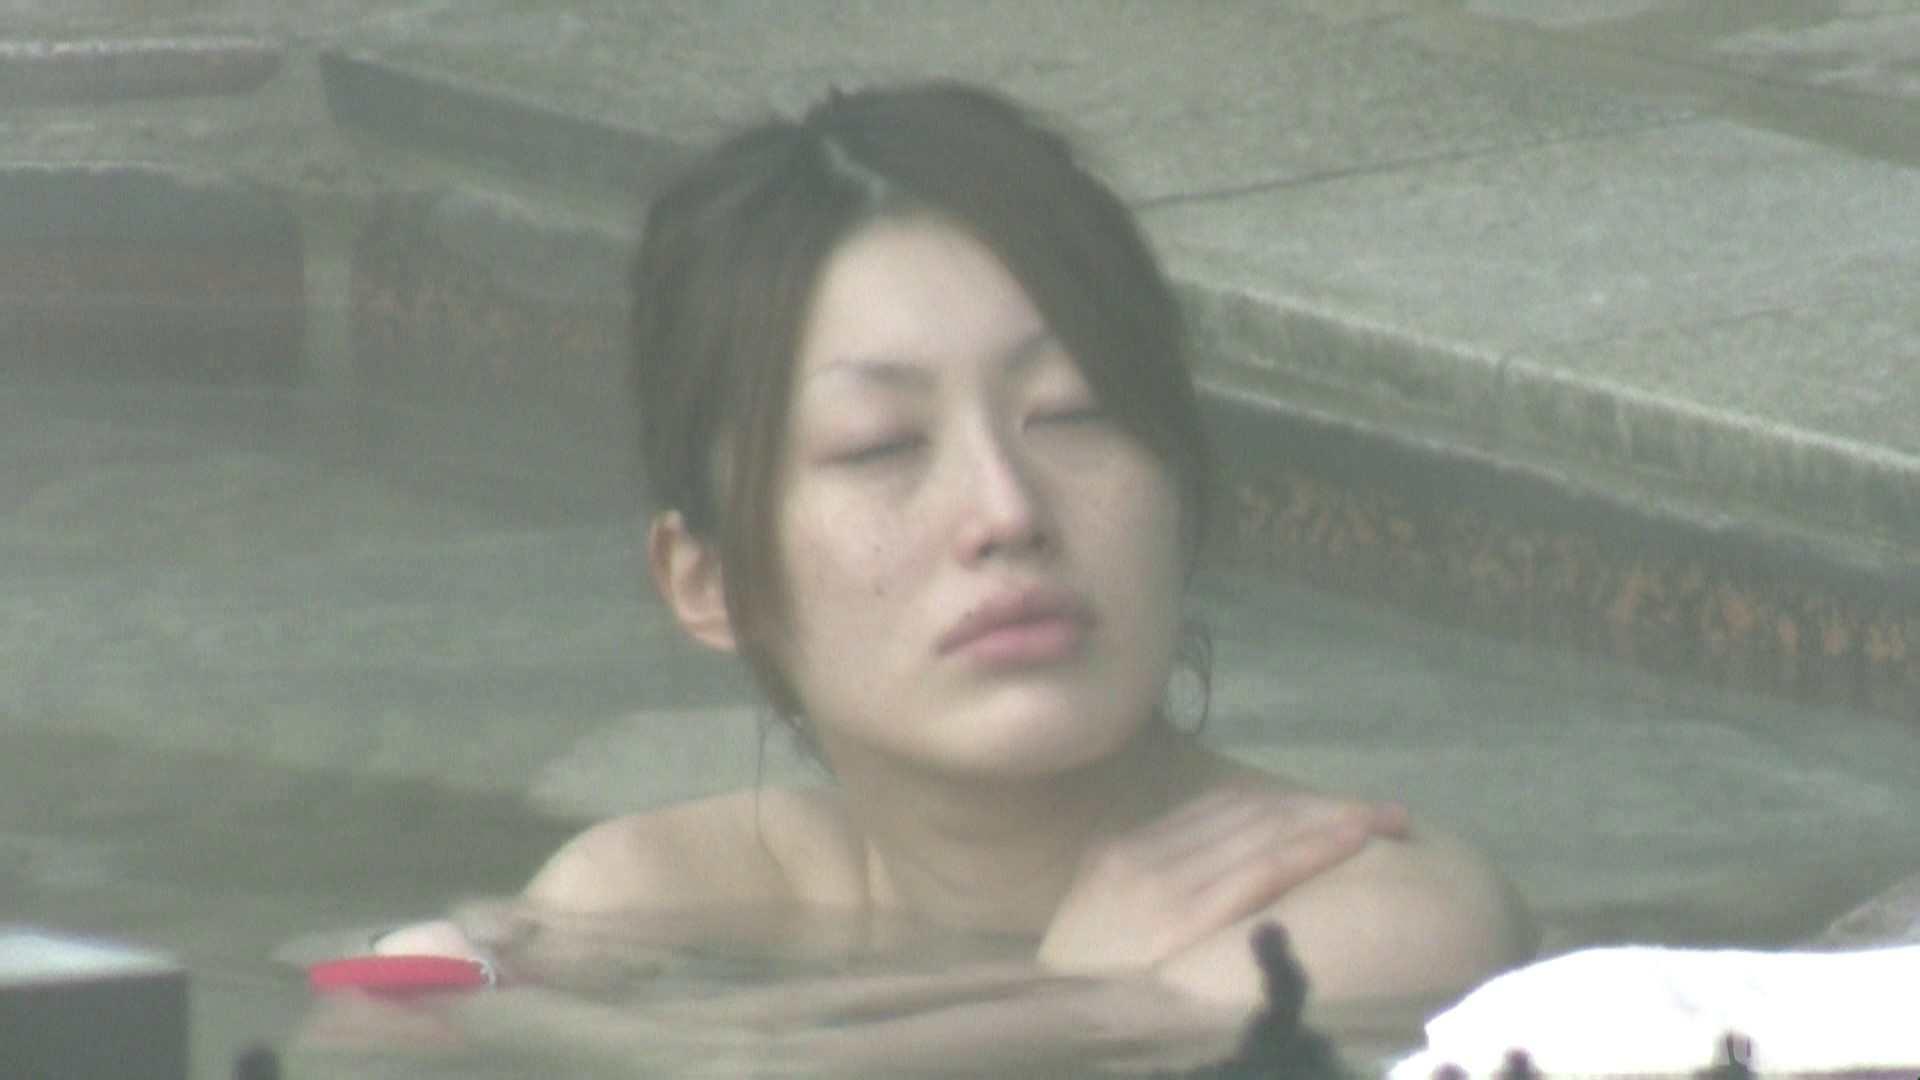 Aquaな露天風呂Vol.775 美しいOLの裸体  98pic 36